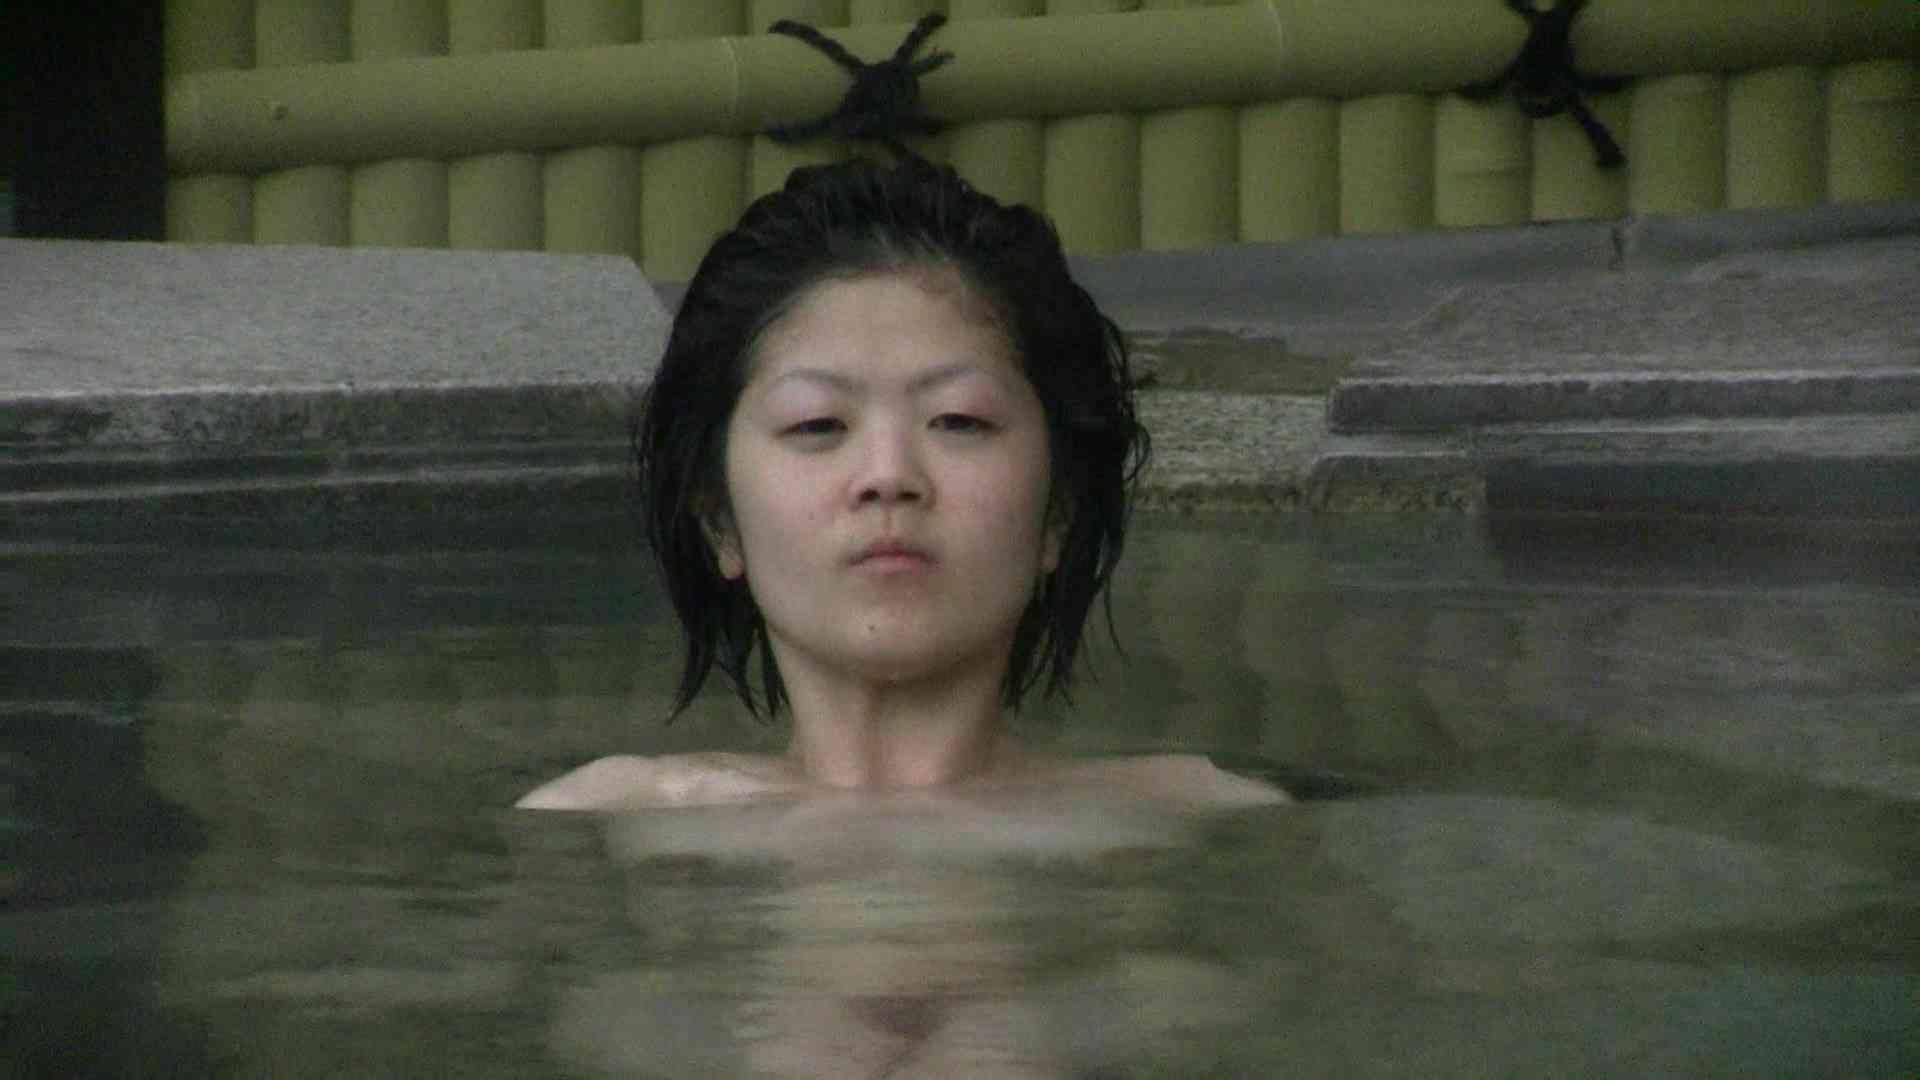 Aquaな露天風呂Vol.538 OLのエロ生活  90連発 69